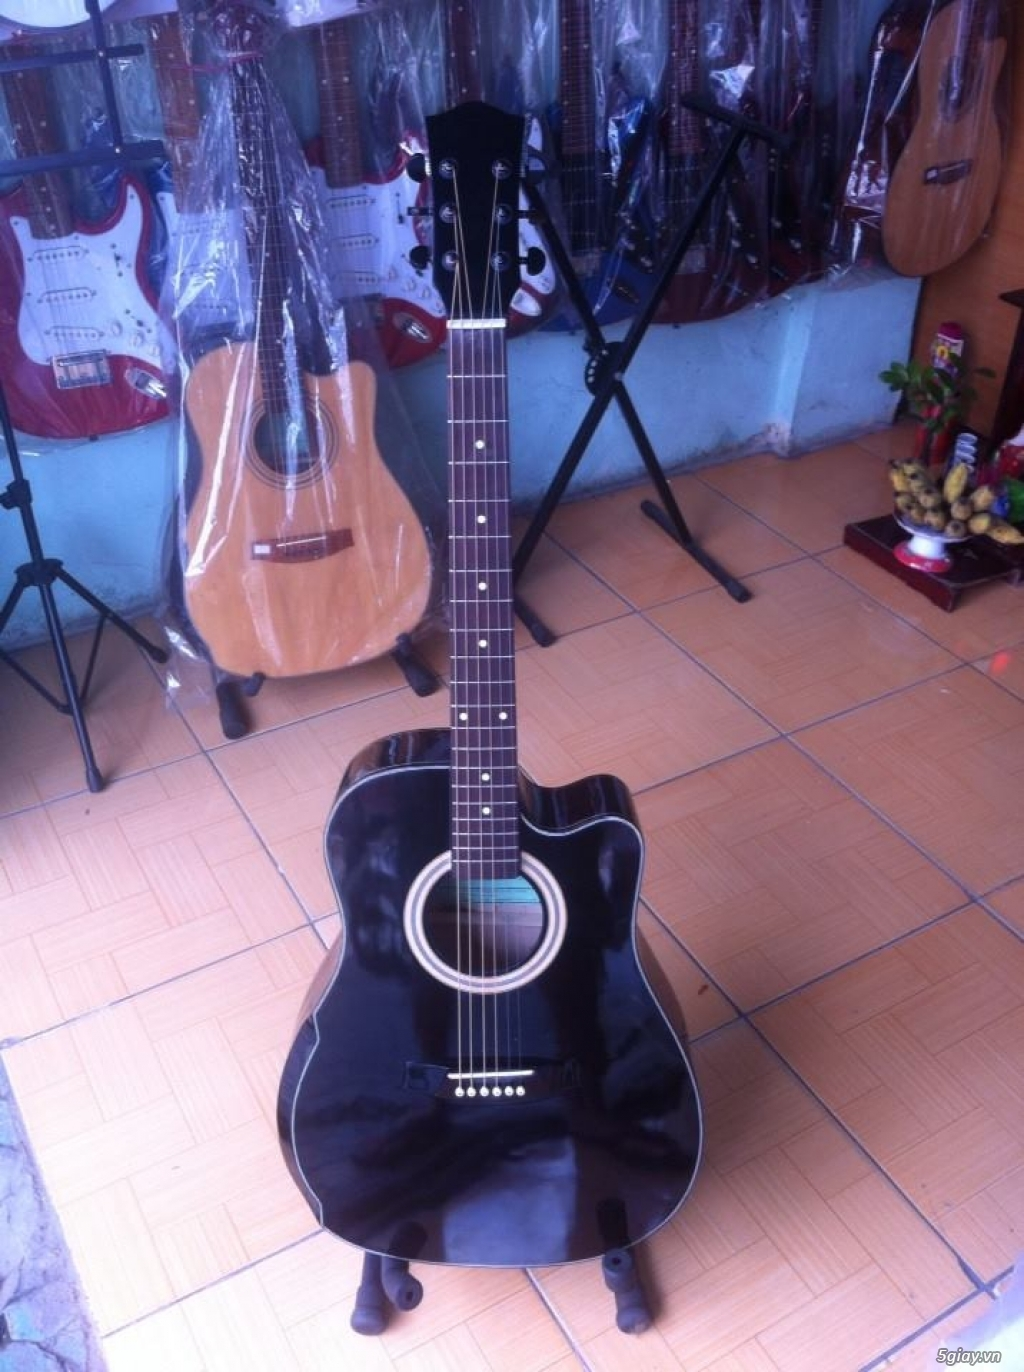 bán Đàn Guitar Giá Rẻ từ 390k tại cửa hàng nhạc cụ mới Bình Dương - 11